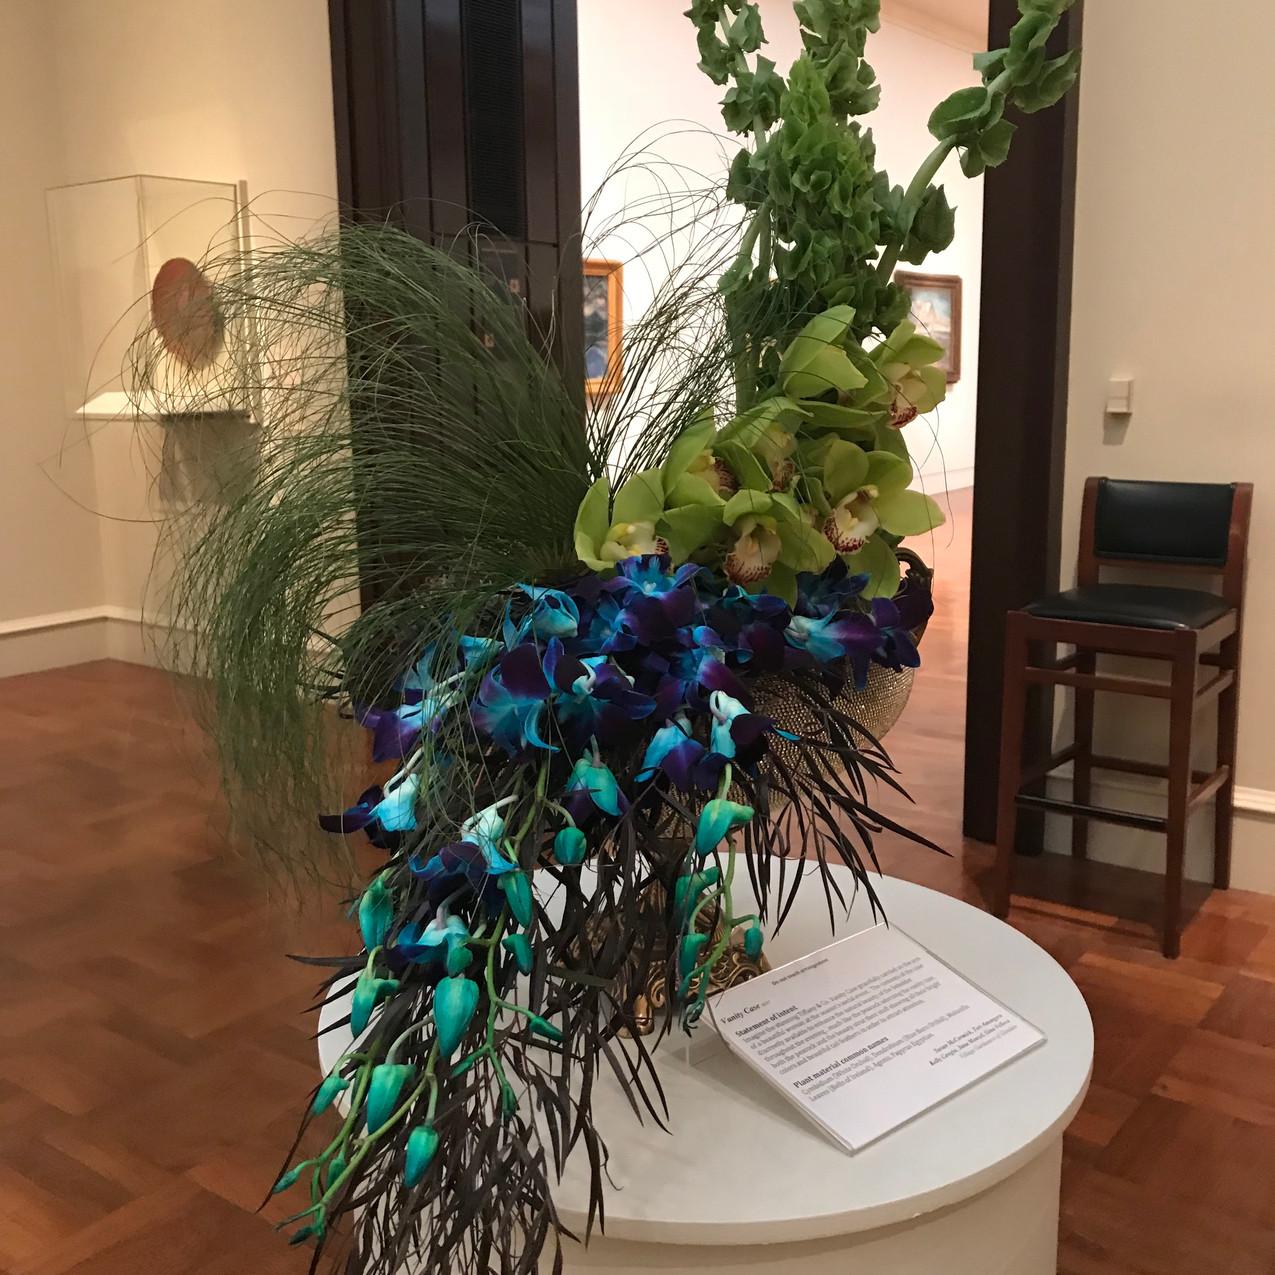 Vanity Case Arrangement (Peacock)